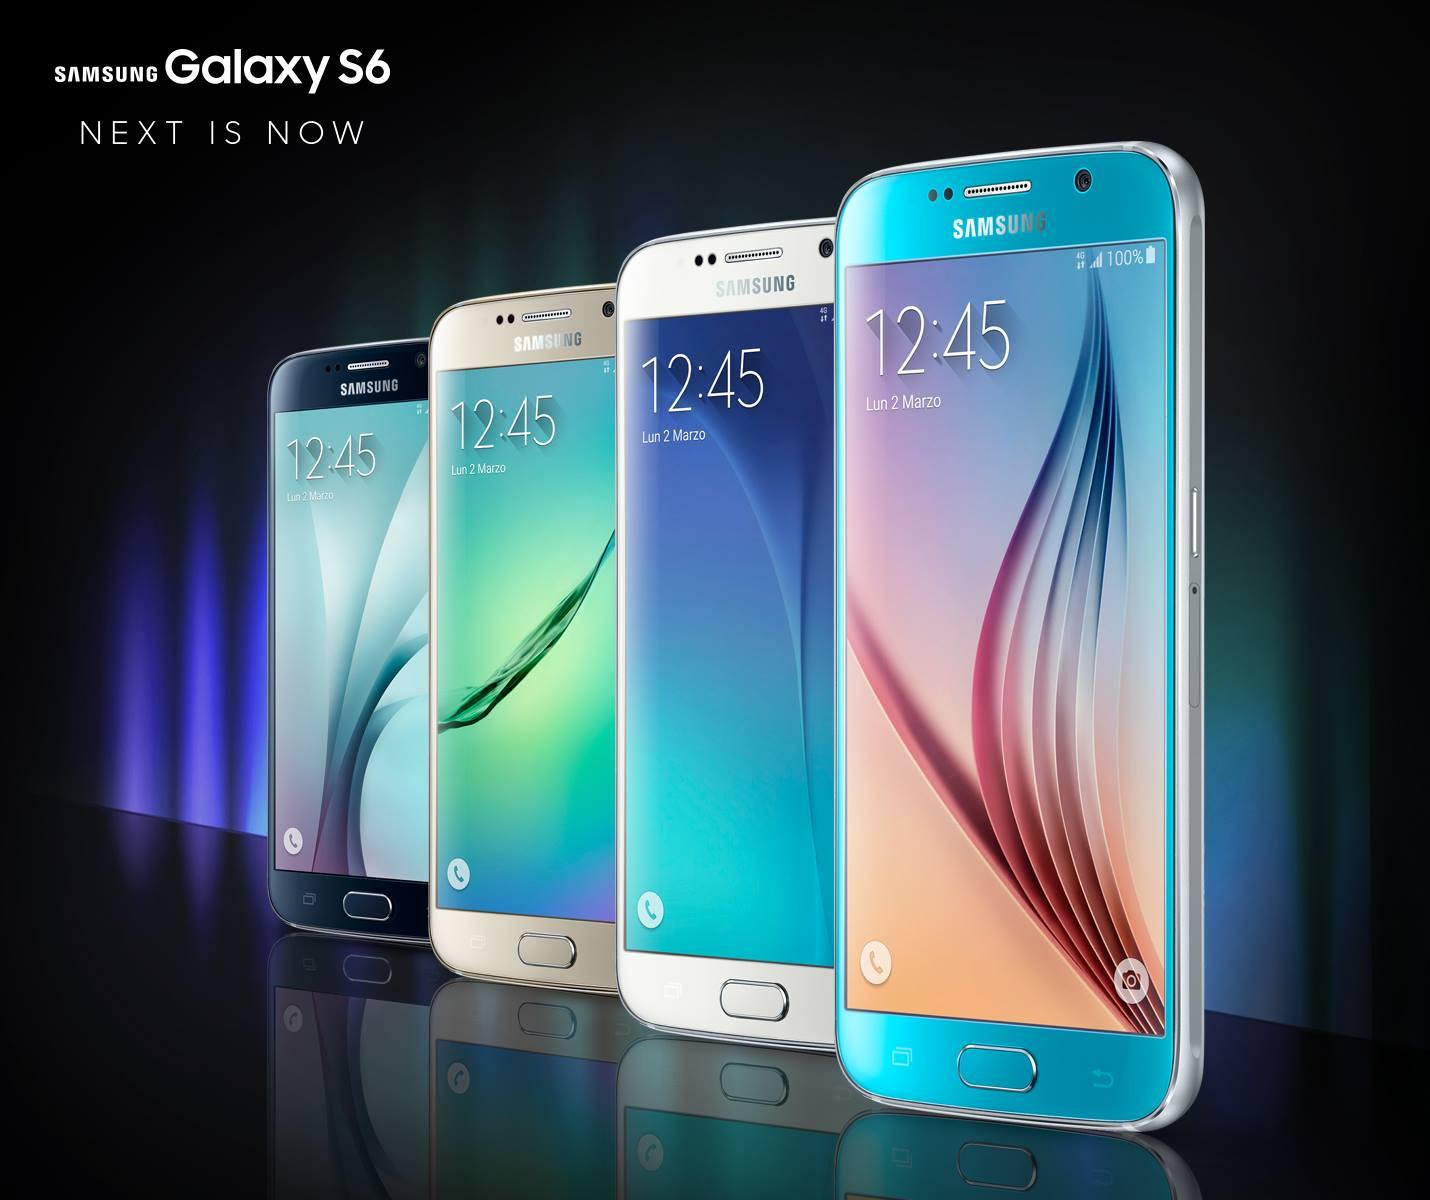 Scaricate tutti gli sfondi di galaxy s6 foto androidworld for Sfondi cellulare samsung galaxy